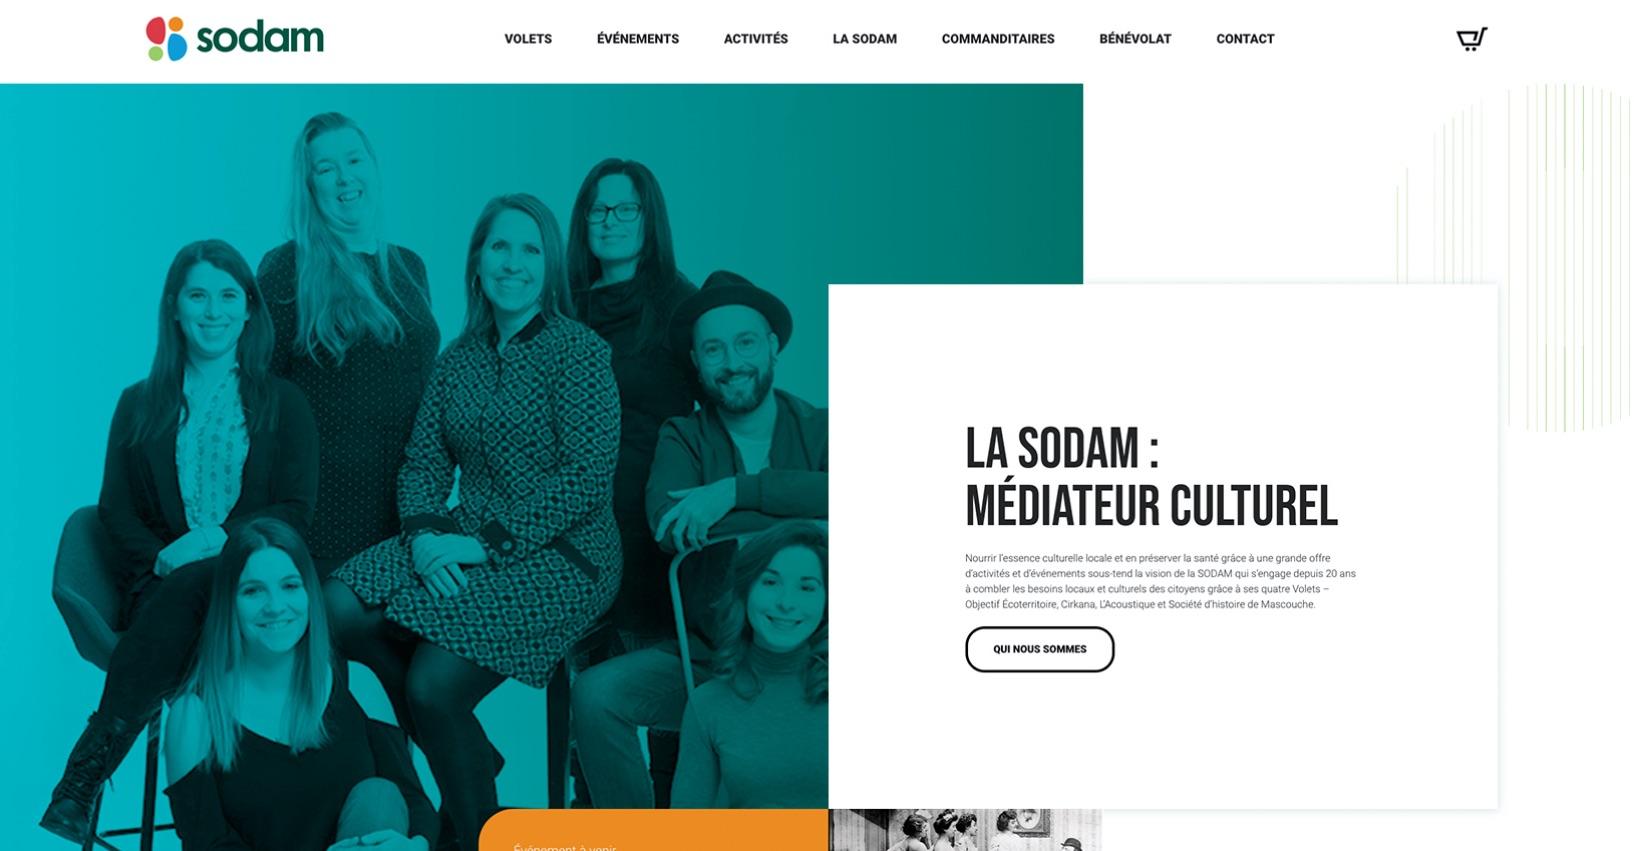 Site Web dynamique | Stratégie de contenu | Concept créatif